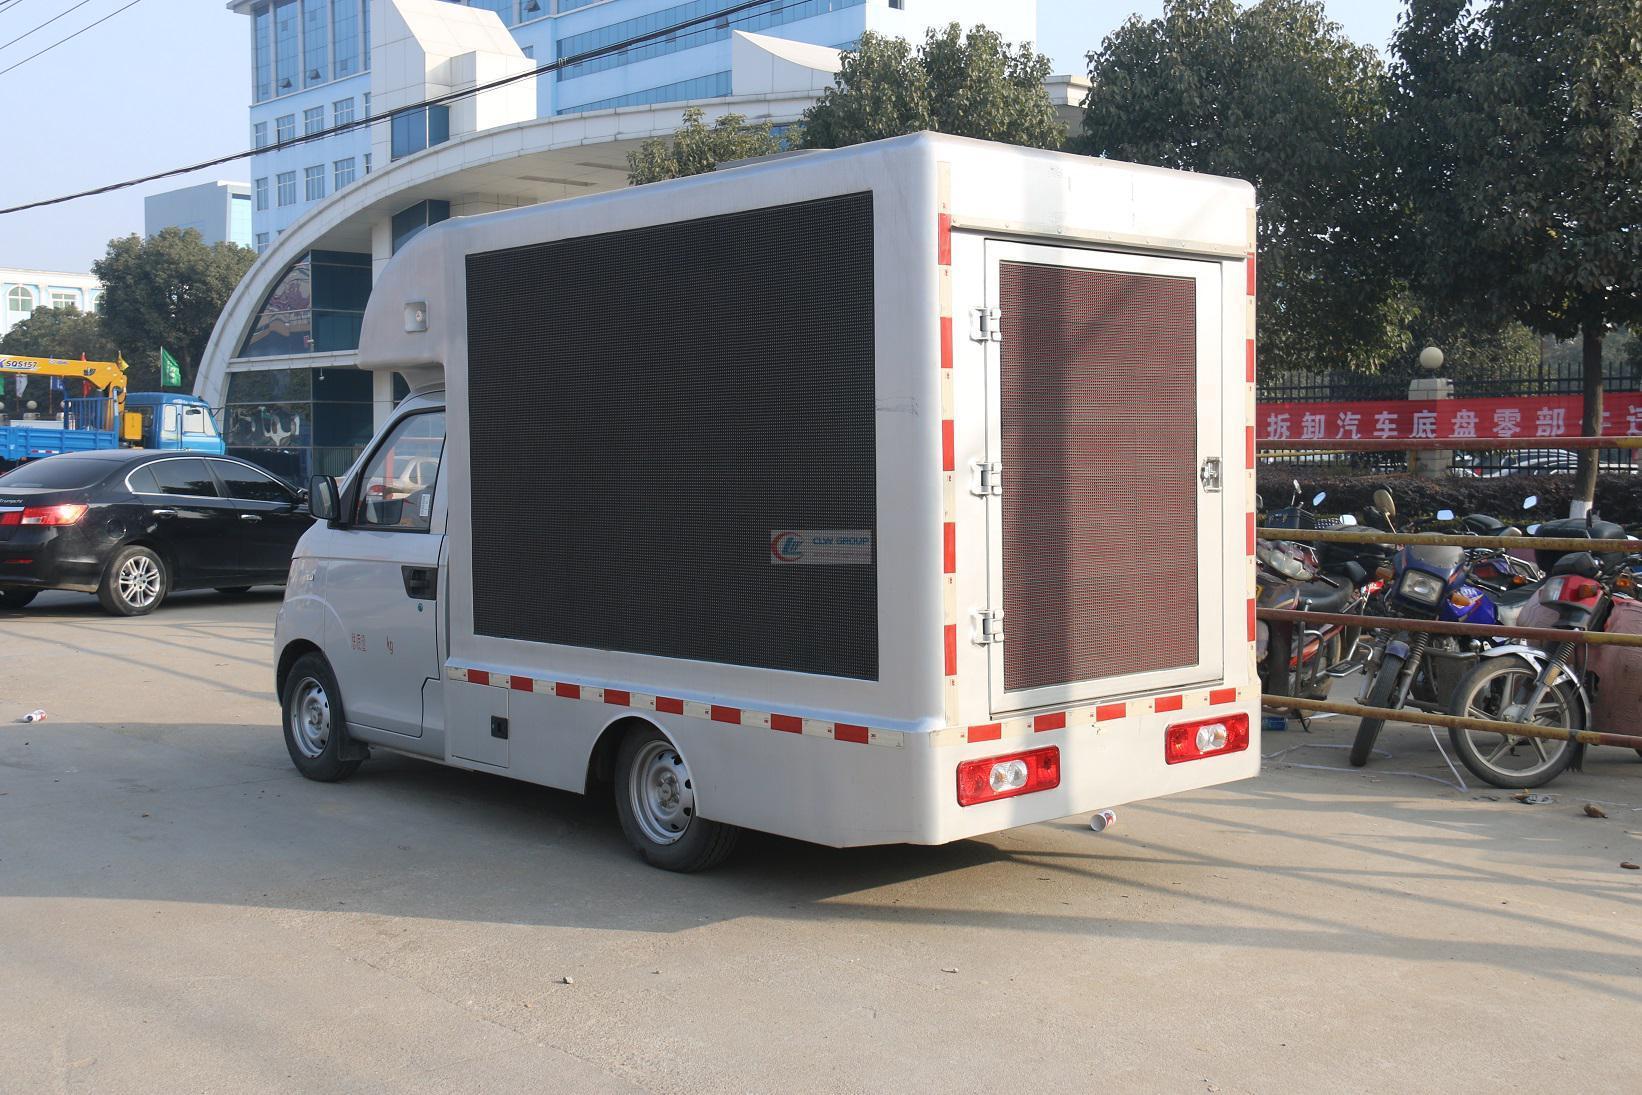 开瑞 LED Advertising truck